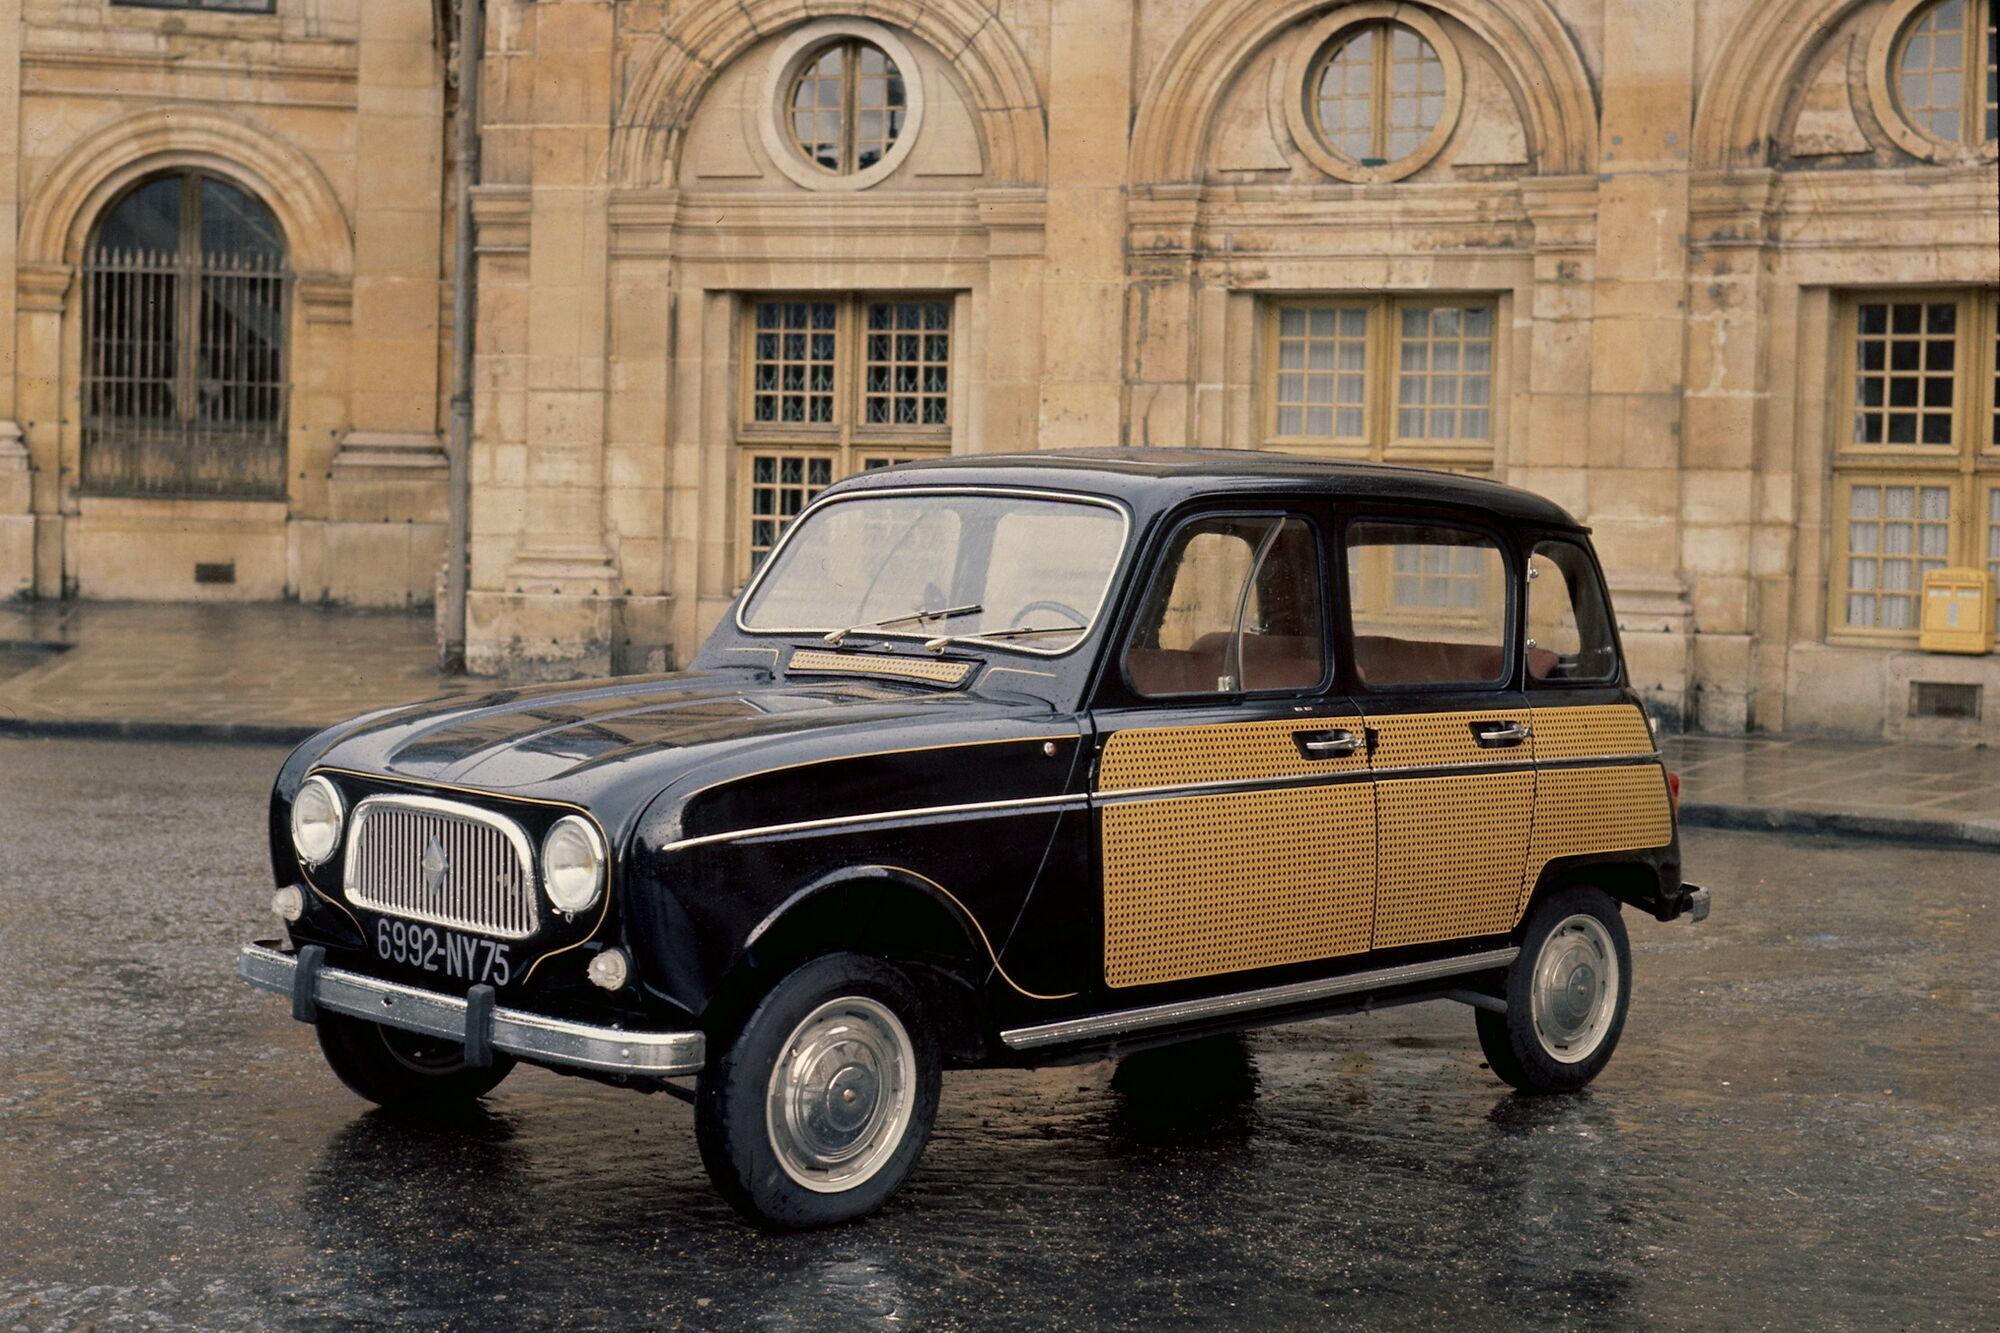 """С 14 февраля L'Atelier Renault будет показывать """"парижскую"""" версию 4L, отличающуюся уникальным плетеным рисунком на кузове"""